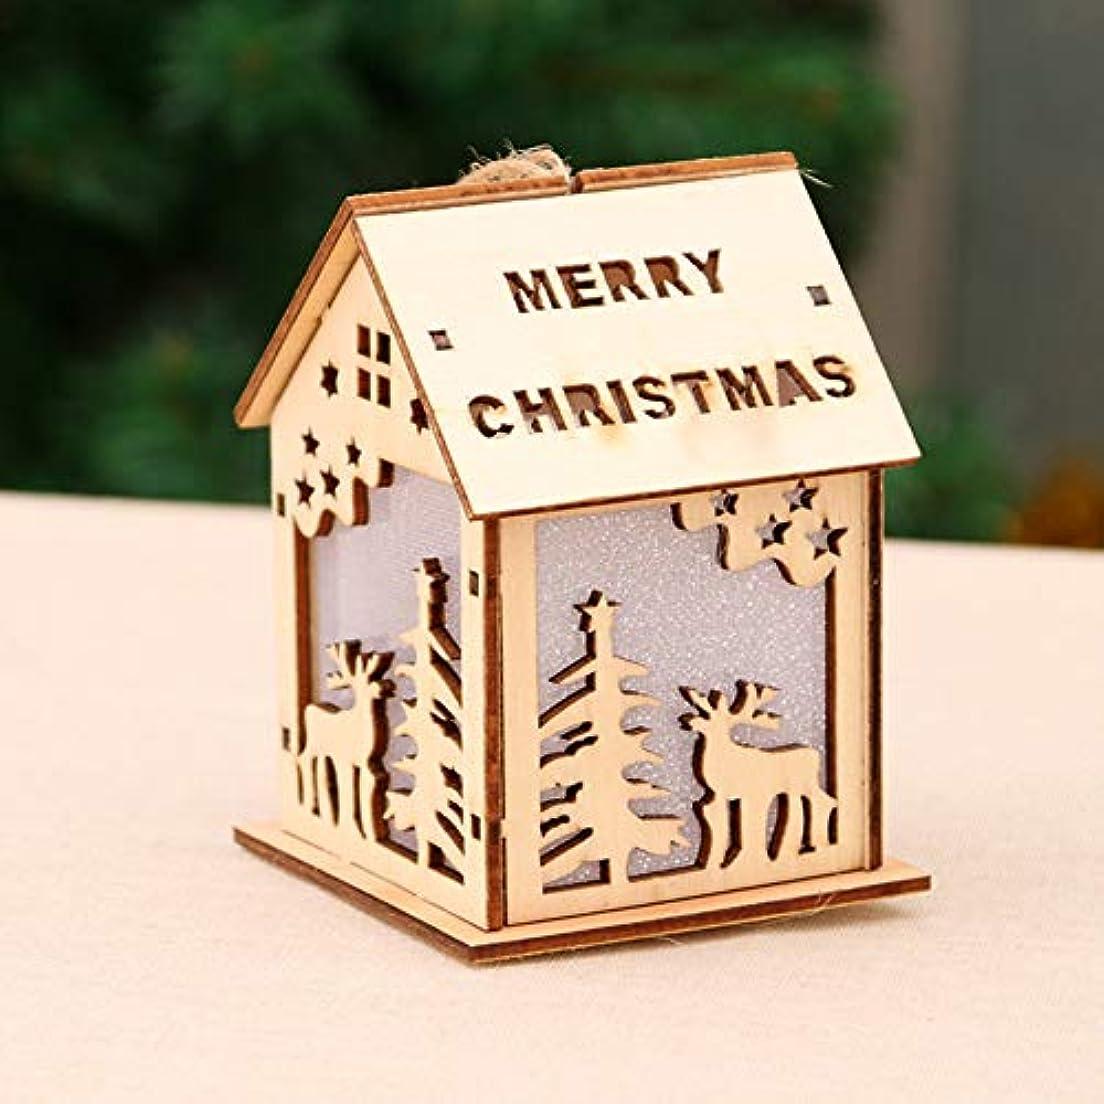 内向き渦ずっとRabugoo クリスマスデコレーションライトスノーハウスホテルバークリスマスツリーデコレーションをハングアップ Large deer